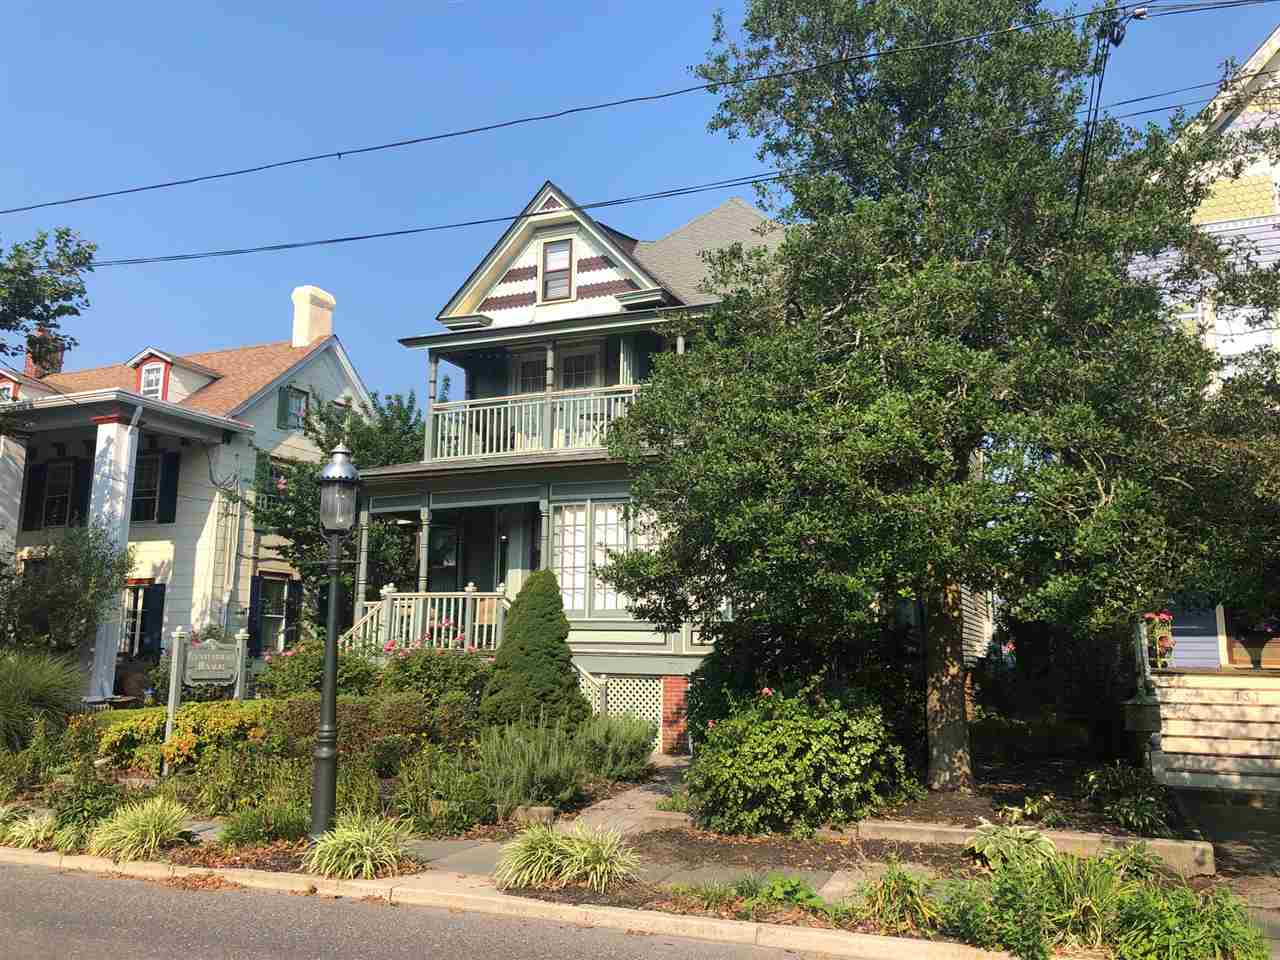 735 Washington Street - Cape May